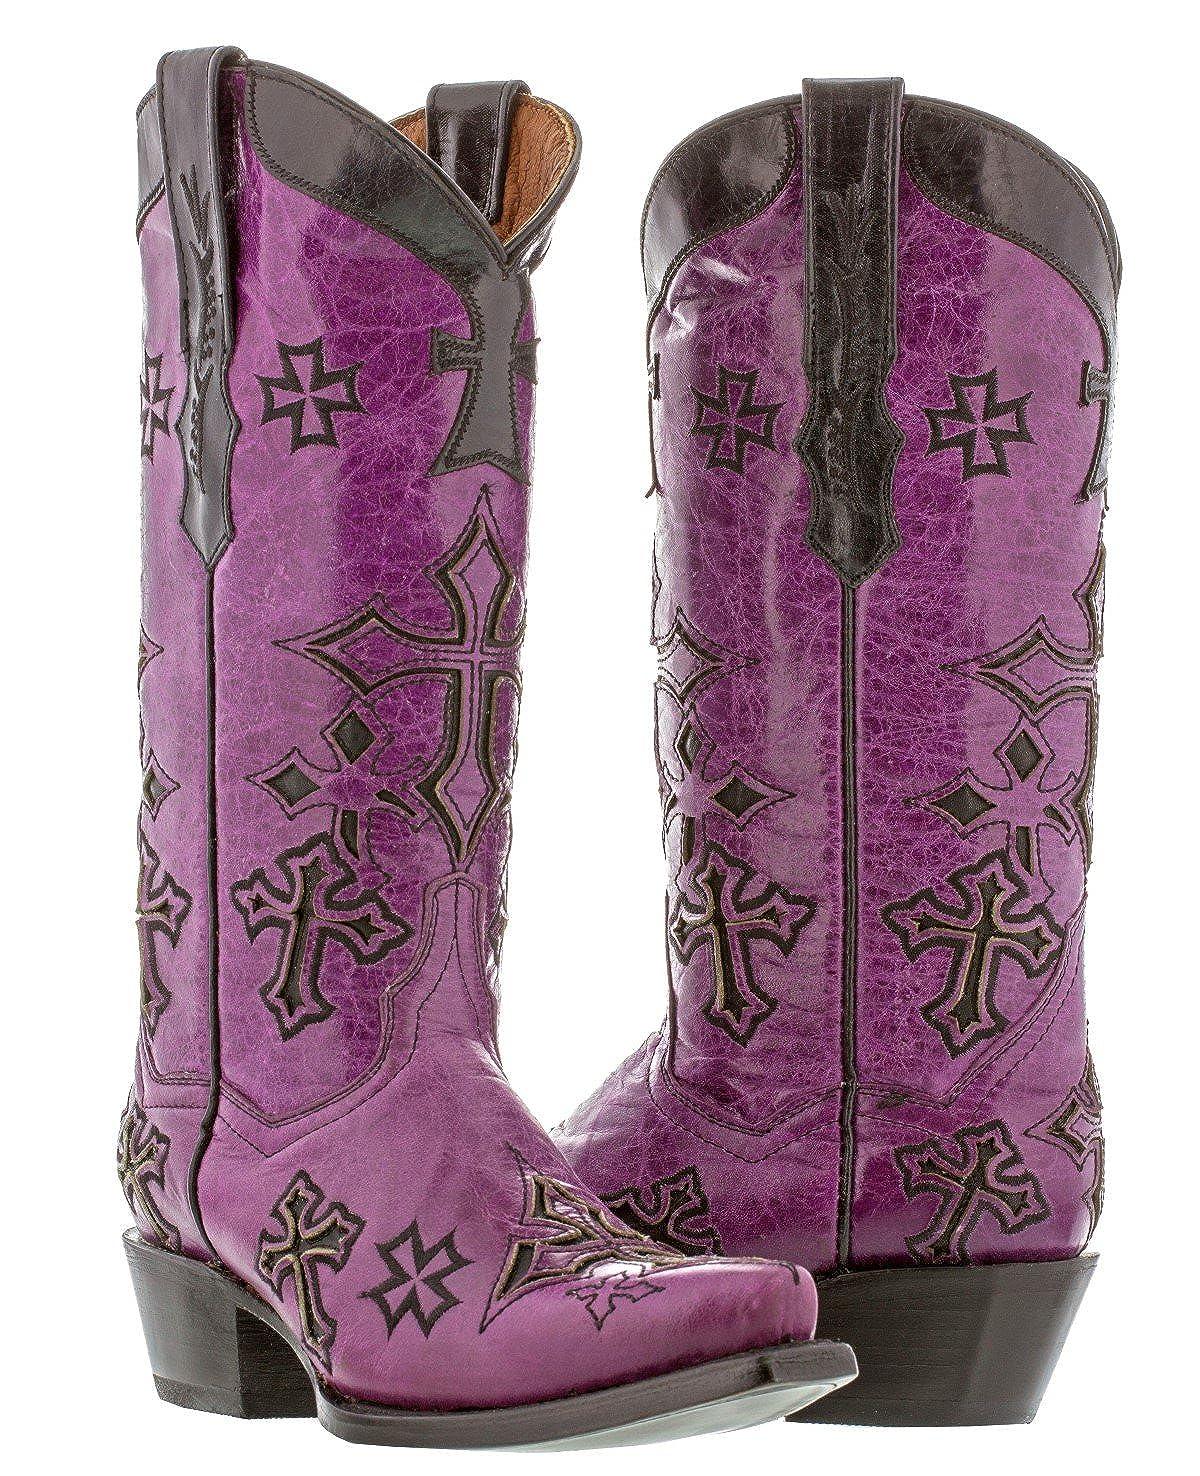 [Cowboy Professional] カウボーイプロフェッショナルレザー – 女性用パープルクロスオーバーレイカウボーイブーツSnip Toe 7 BM パープル B0164QRHQI